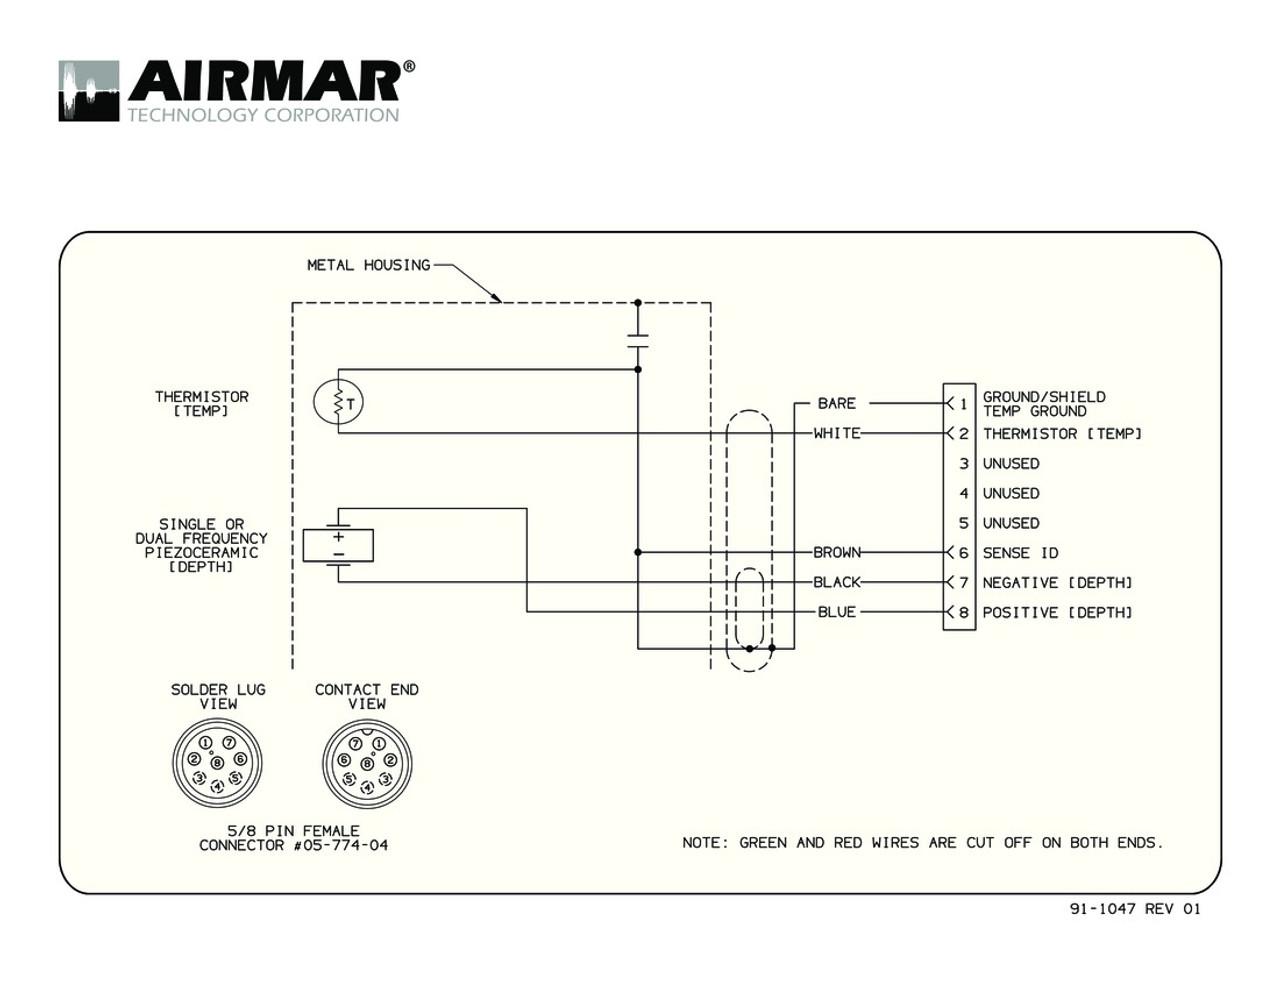 Garmin 128 Wiring Diagram | Wiring Schematic Diagram - laiser.co on